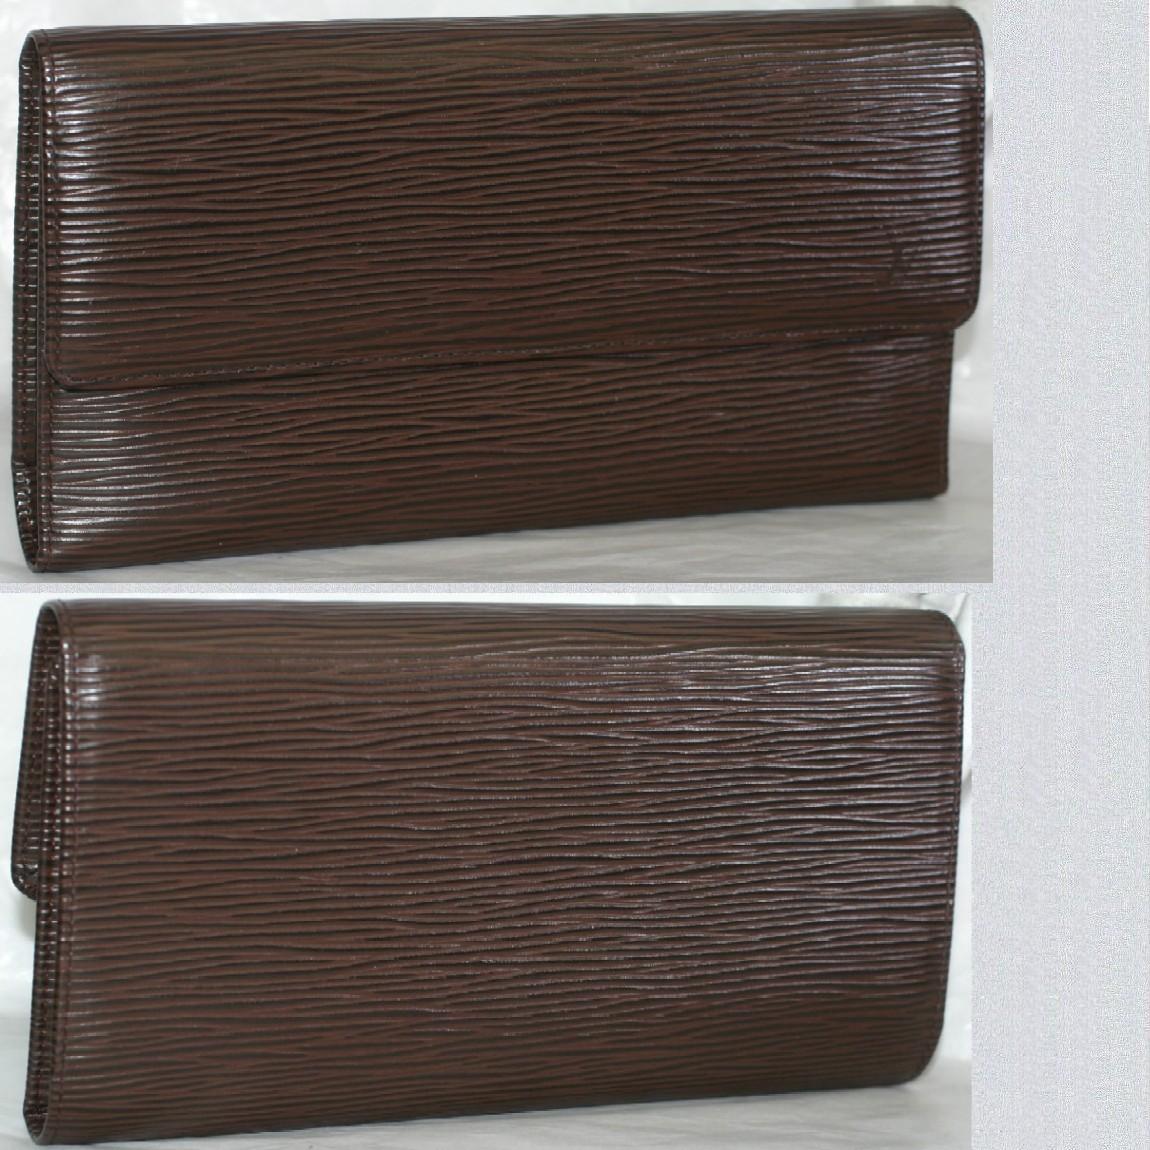 【中古】本物長期保管外側ほぼ新品L/Vエピの3つ折り長財布M6338Dモカ色札入部分に少し剥がれあります